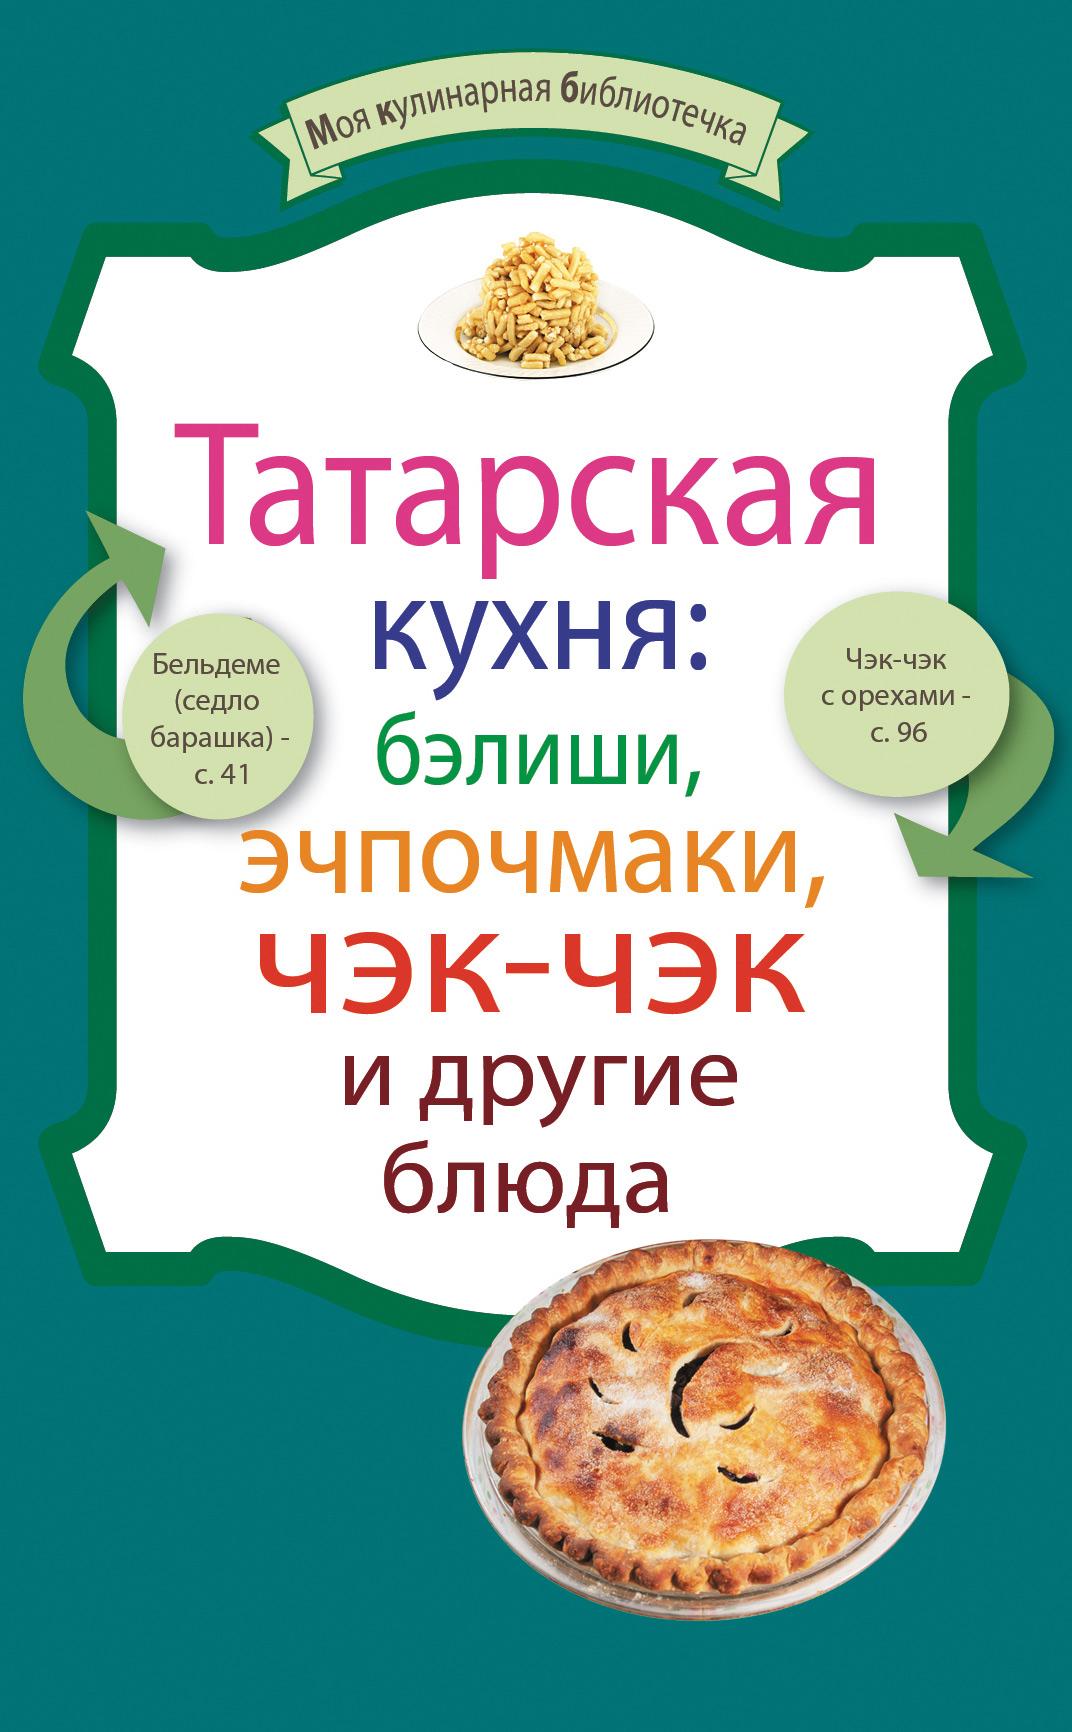 Сборник рецептов Татарская кухня: бэлиши, эчпочмаки, чэк-чэк и другие блюда яйца 50 простых рецептов